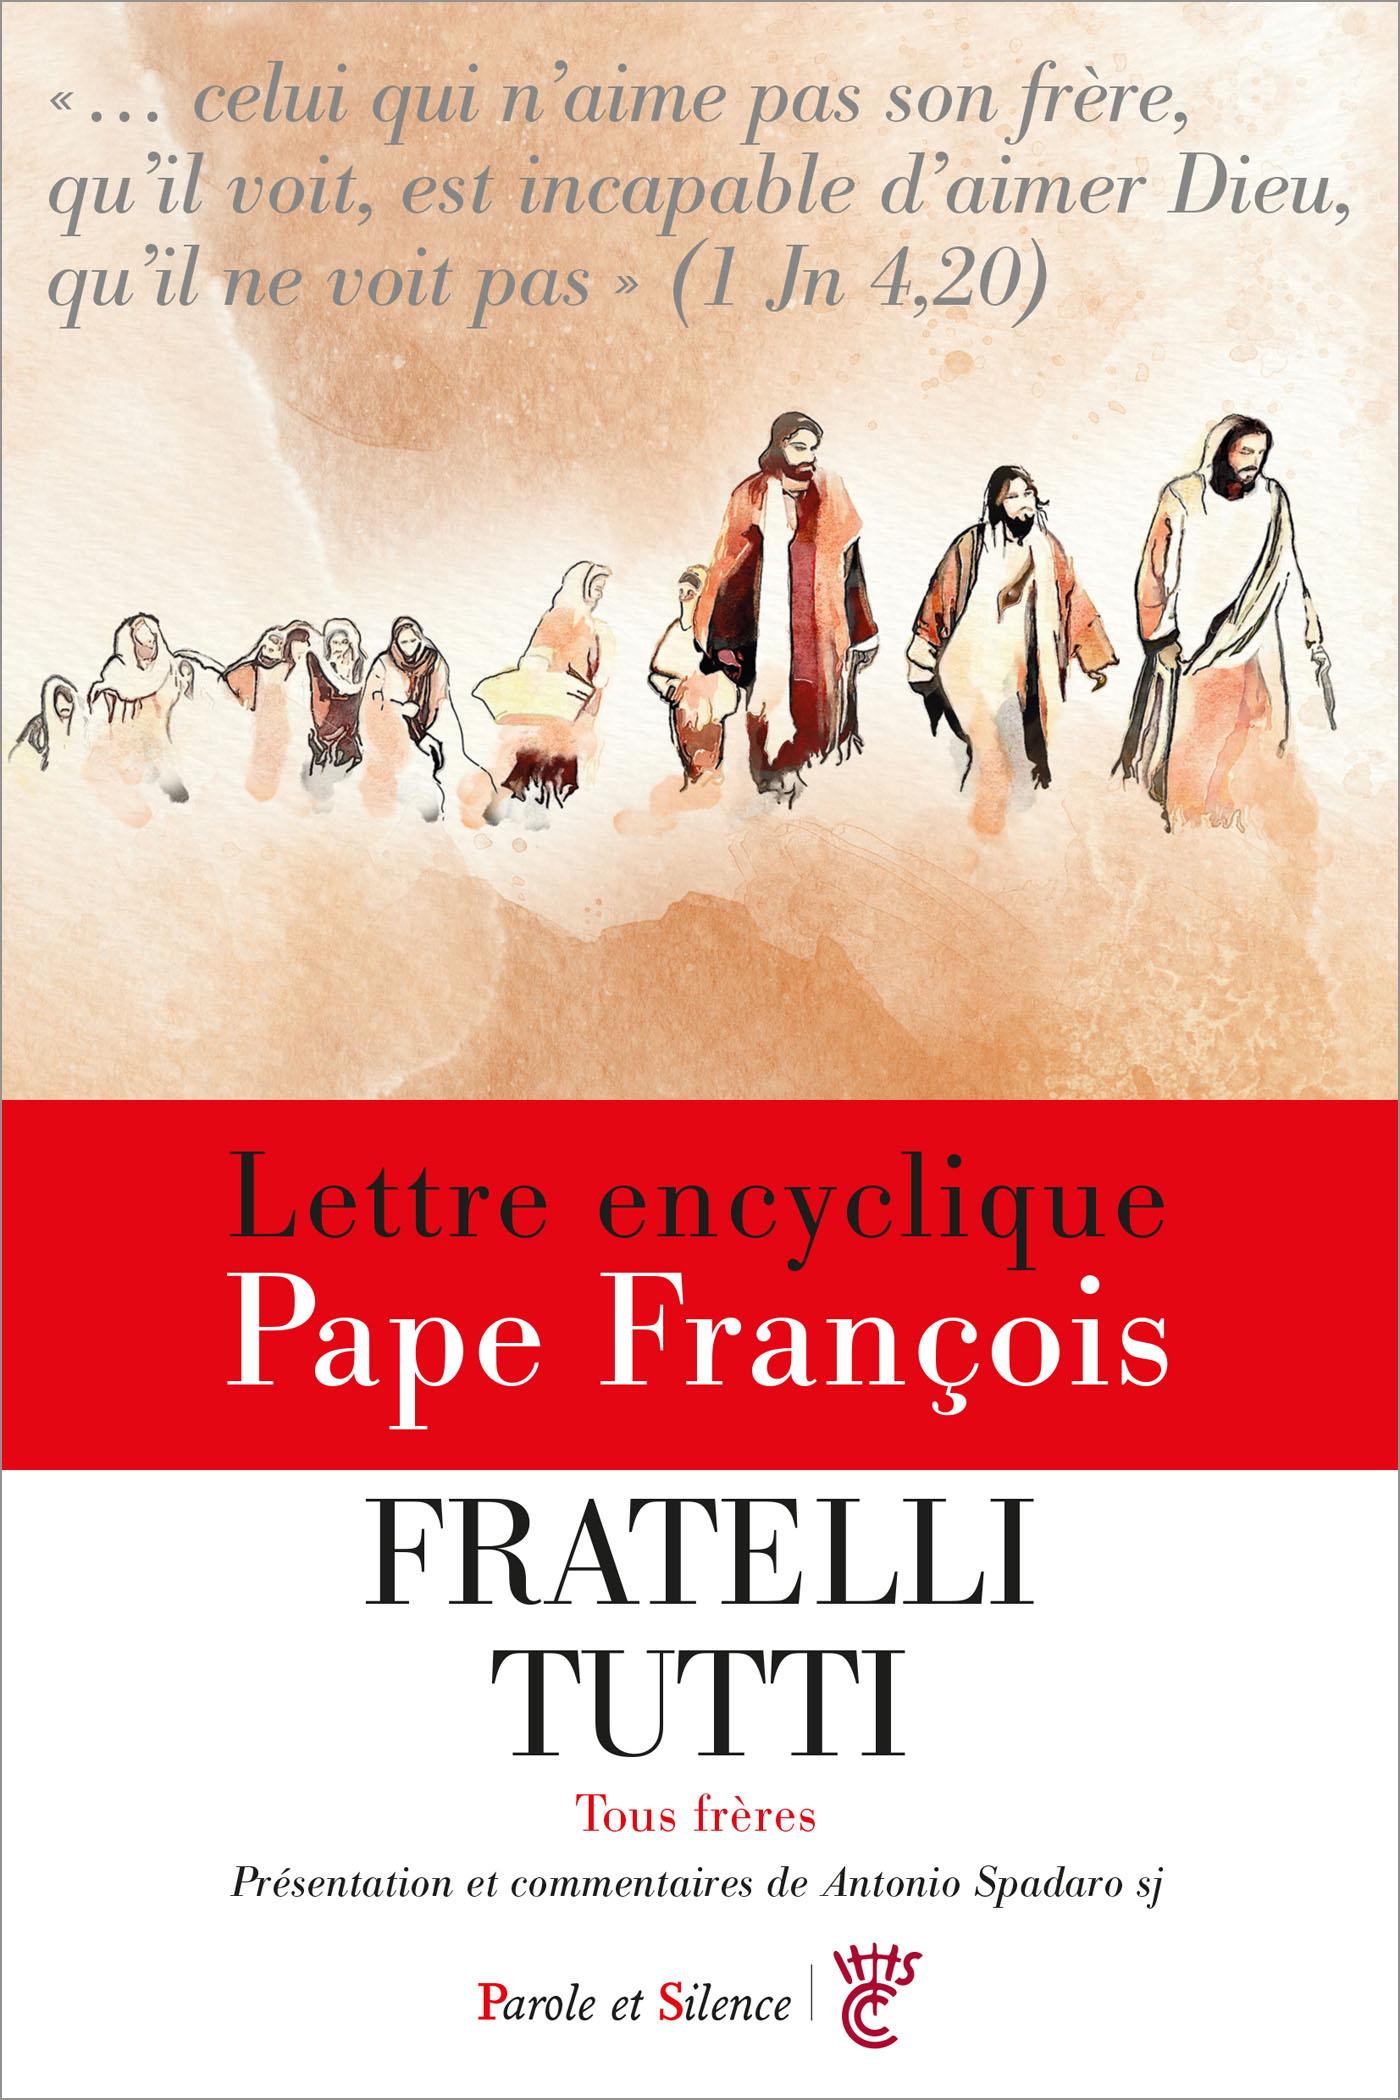 Fratelli tutti - Tous frères - Encyclique